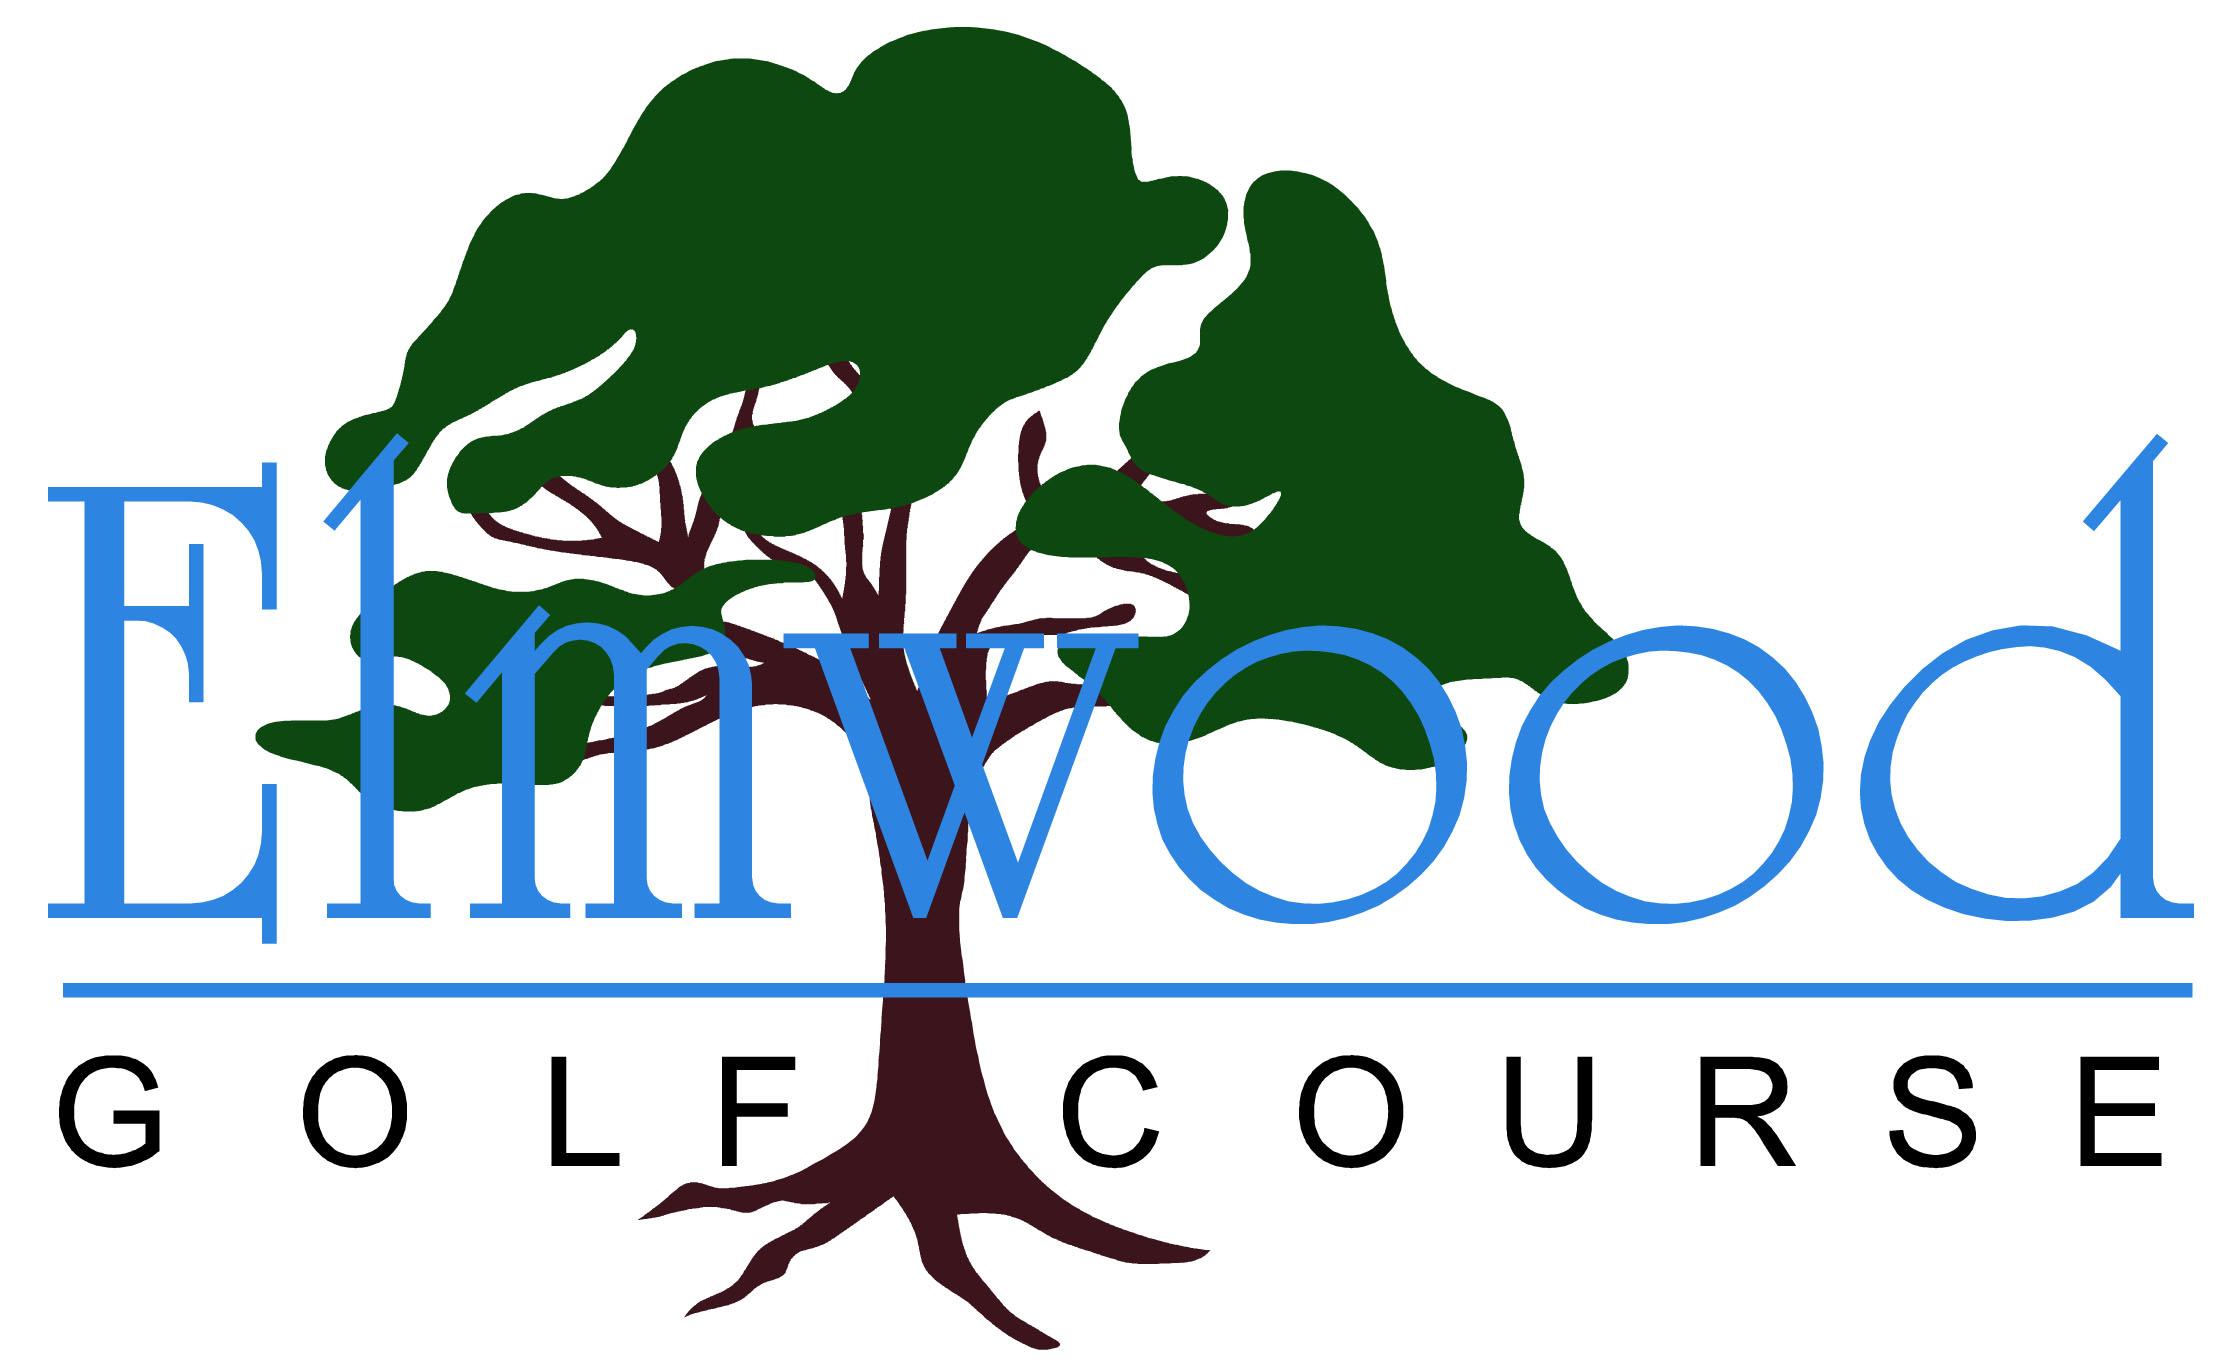 ElmwoodLogoRev.jpg